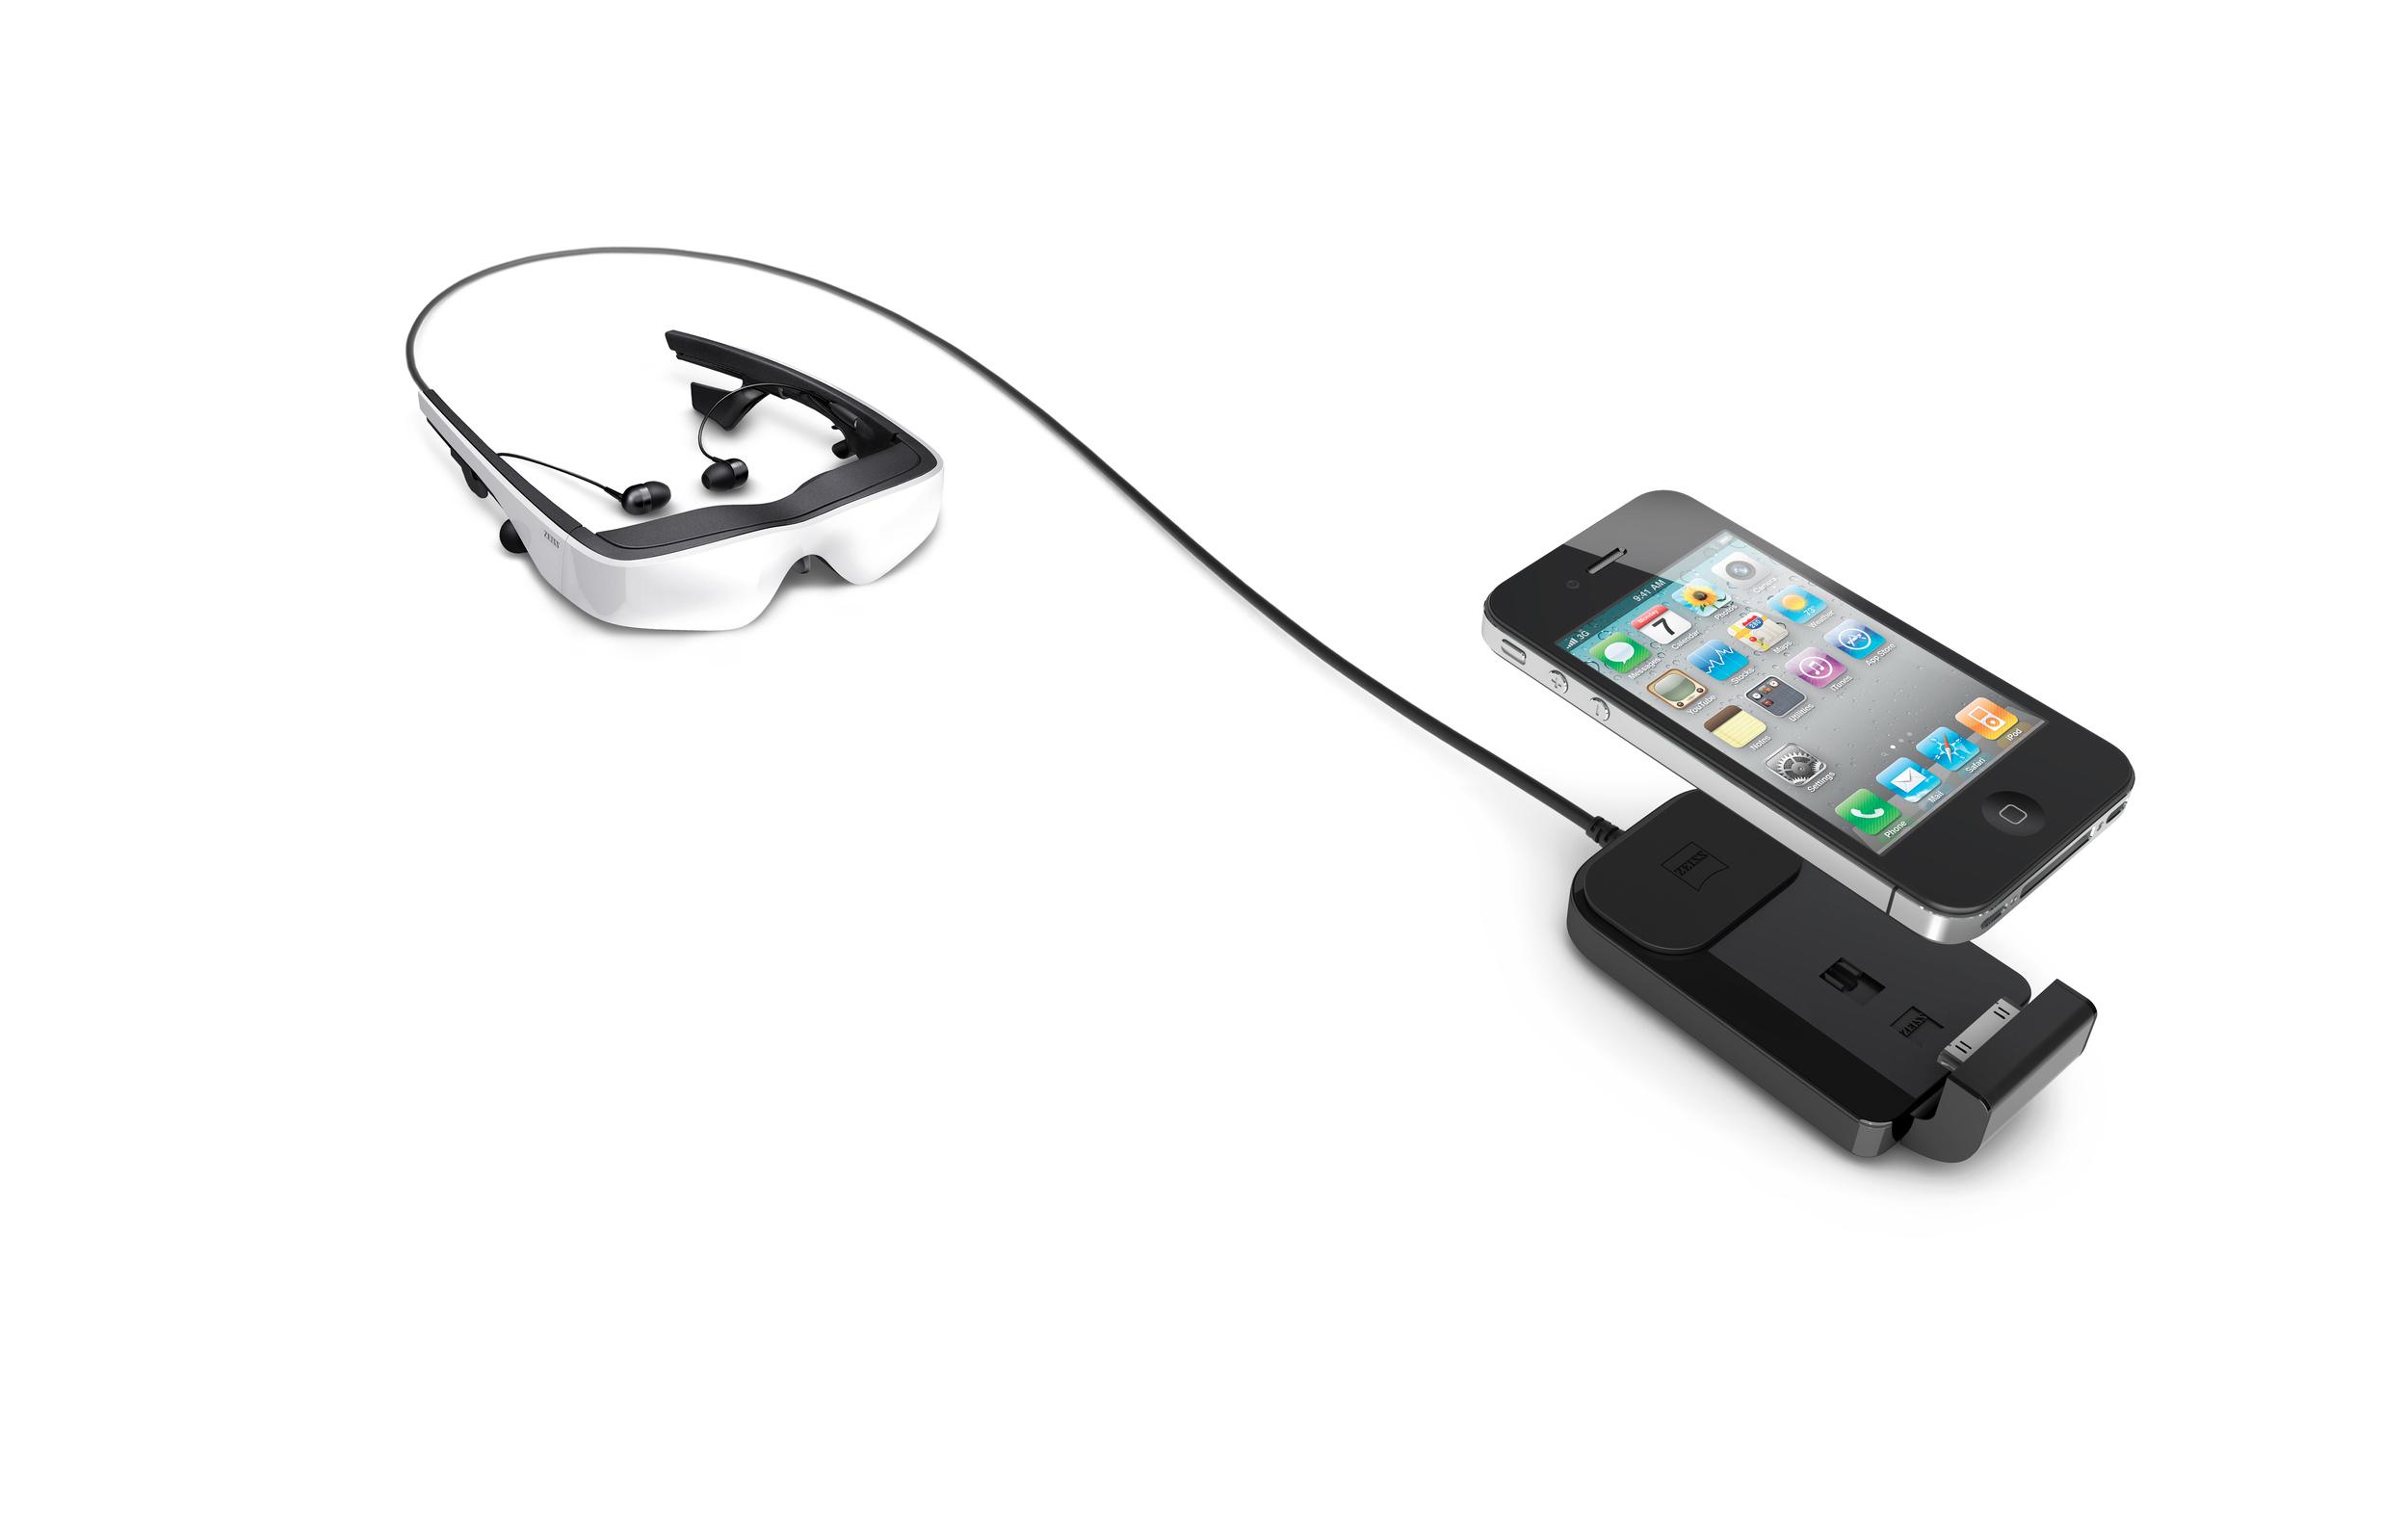 Patsient võib soovi korral ühendada seadmega oma muusikaseadme (iPod, nutitelefon vms.) ning kuulata protseduuri ajal endale sobivat muusikat. Samuti saab ta vaadata meelelahutuslikke sarju, filme, dokumentaale vms.